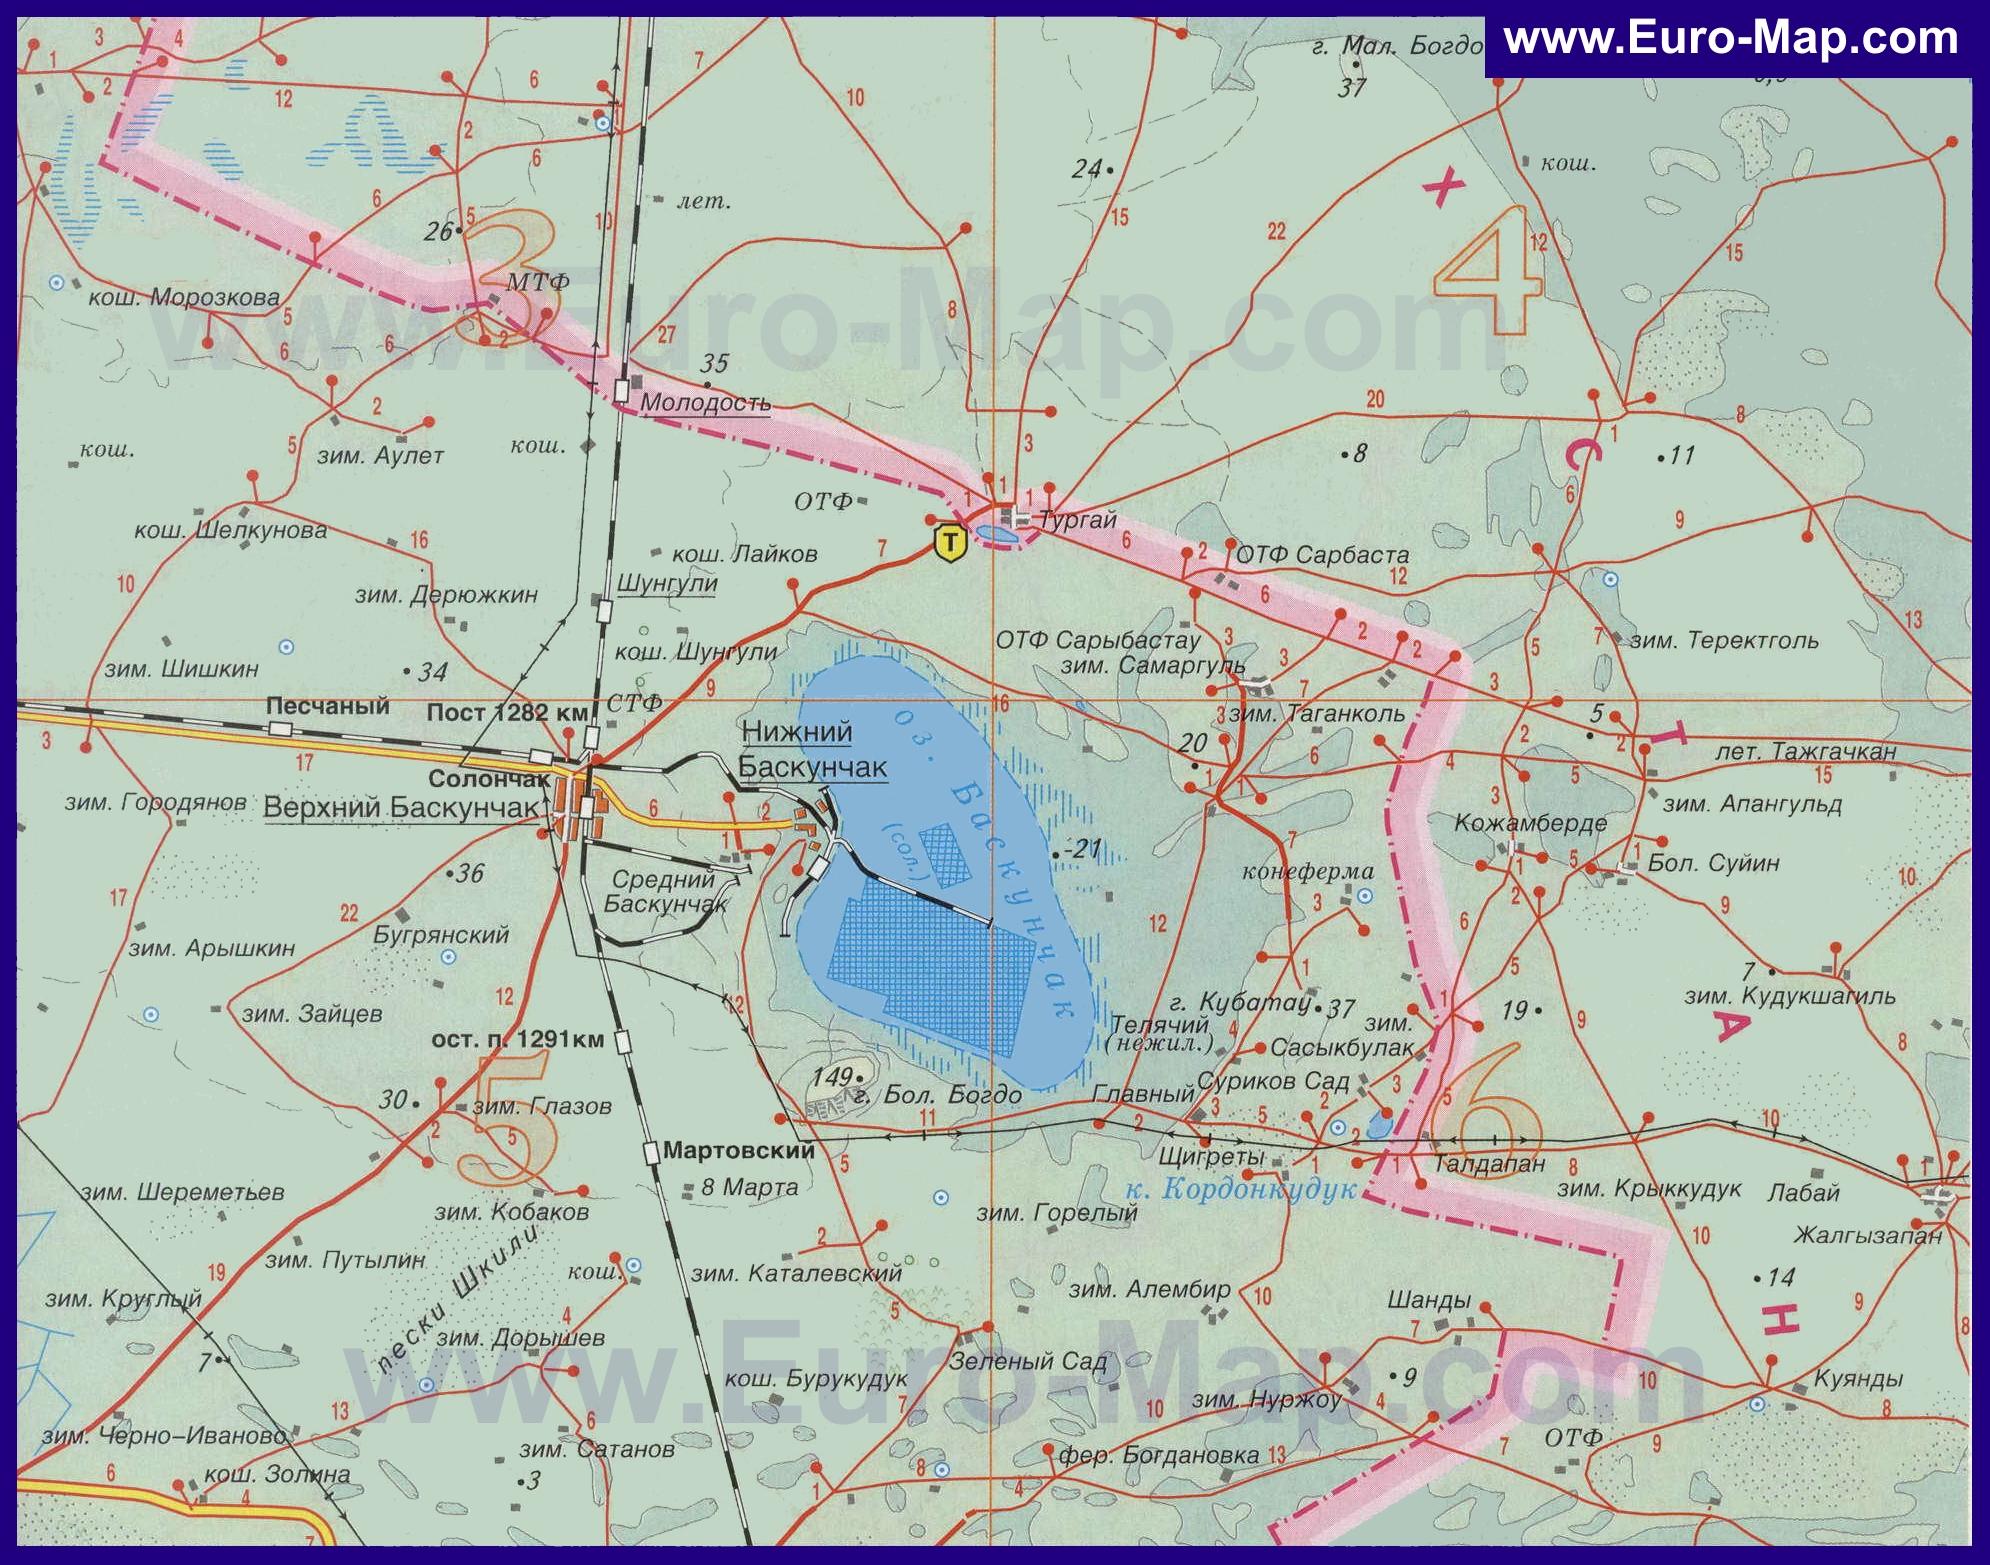 Где находится озеро баскунчак на карте